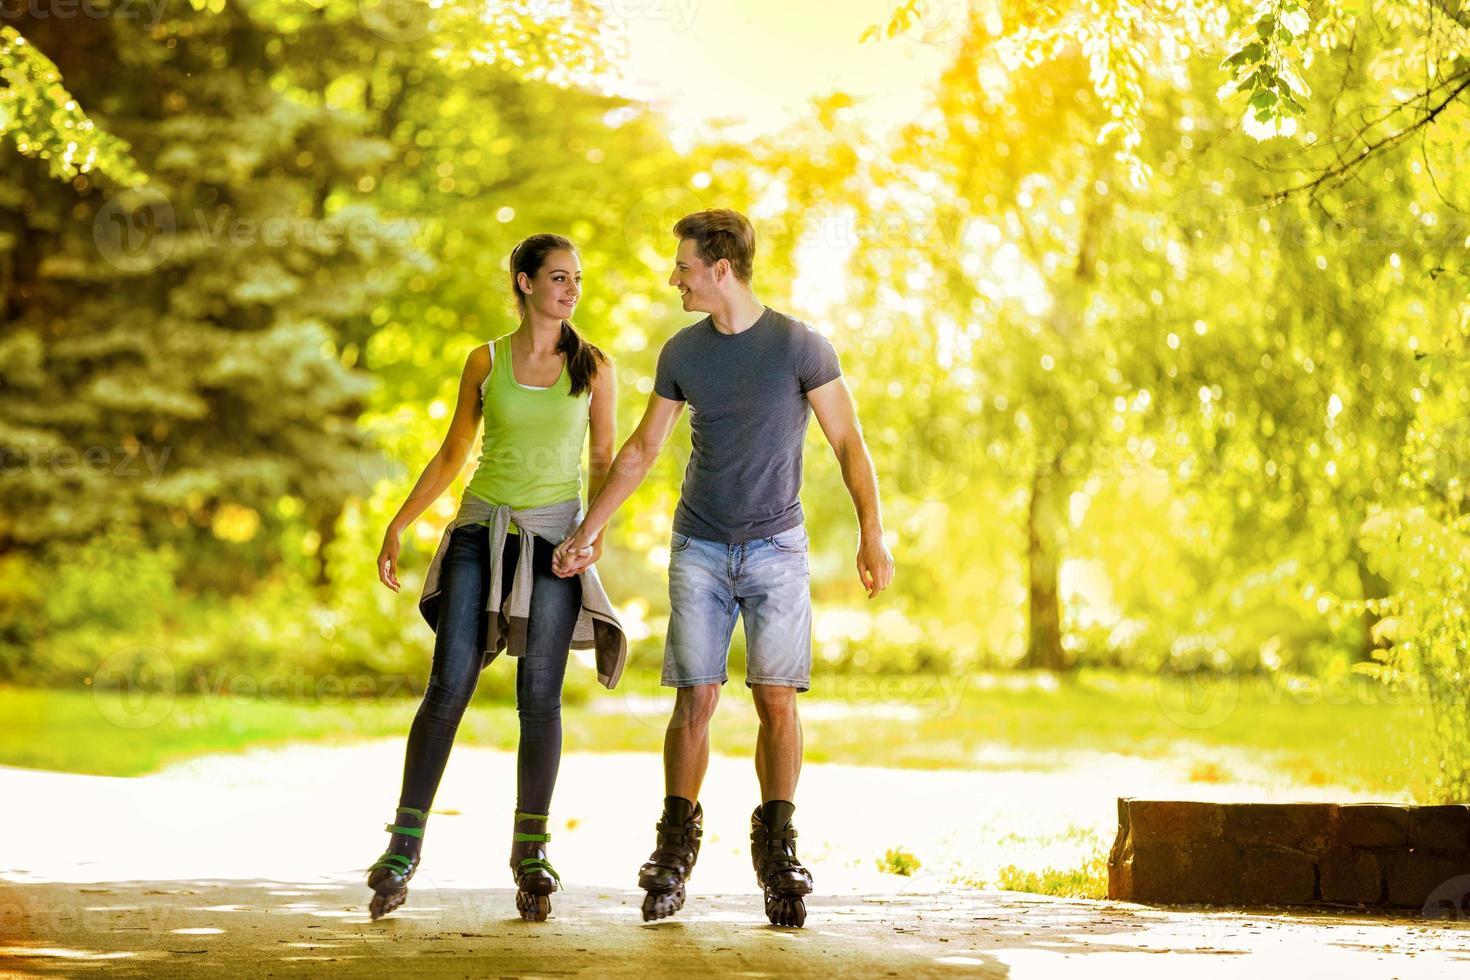 jovem casal patinando no parque foto